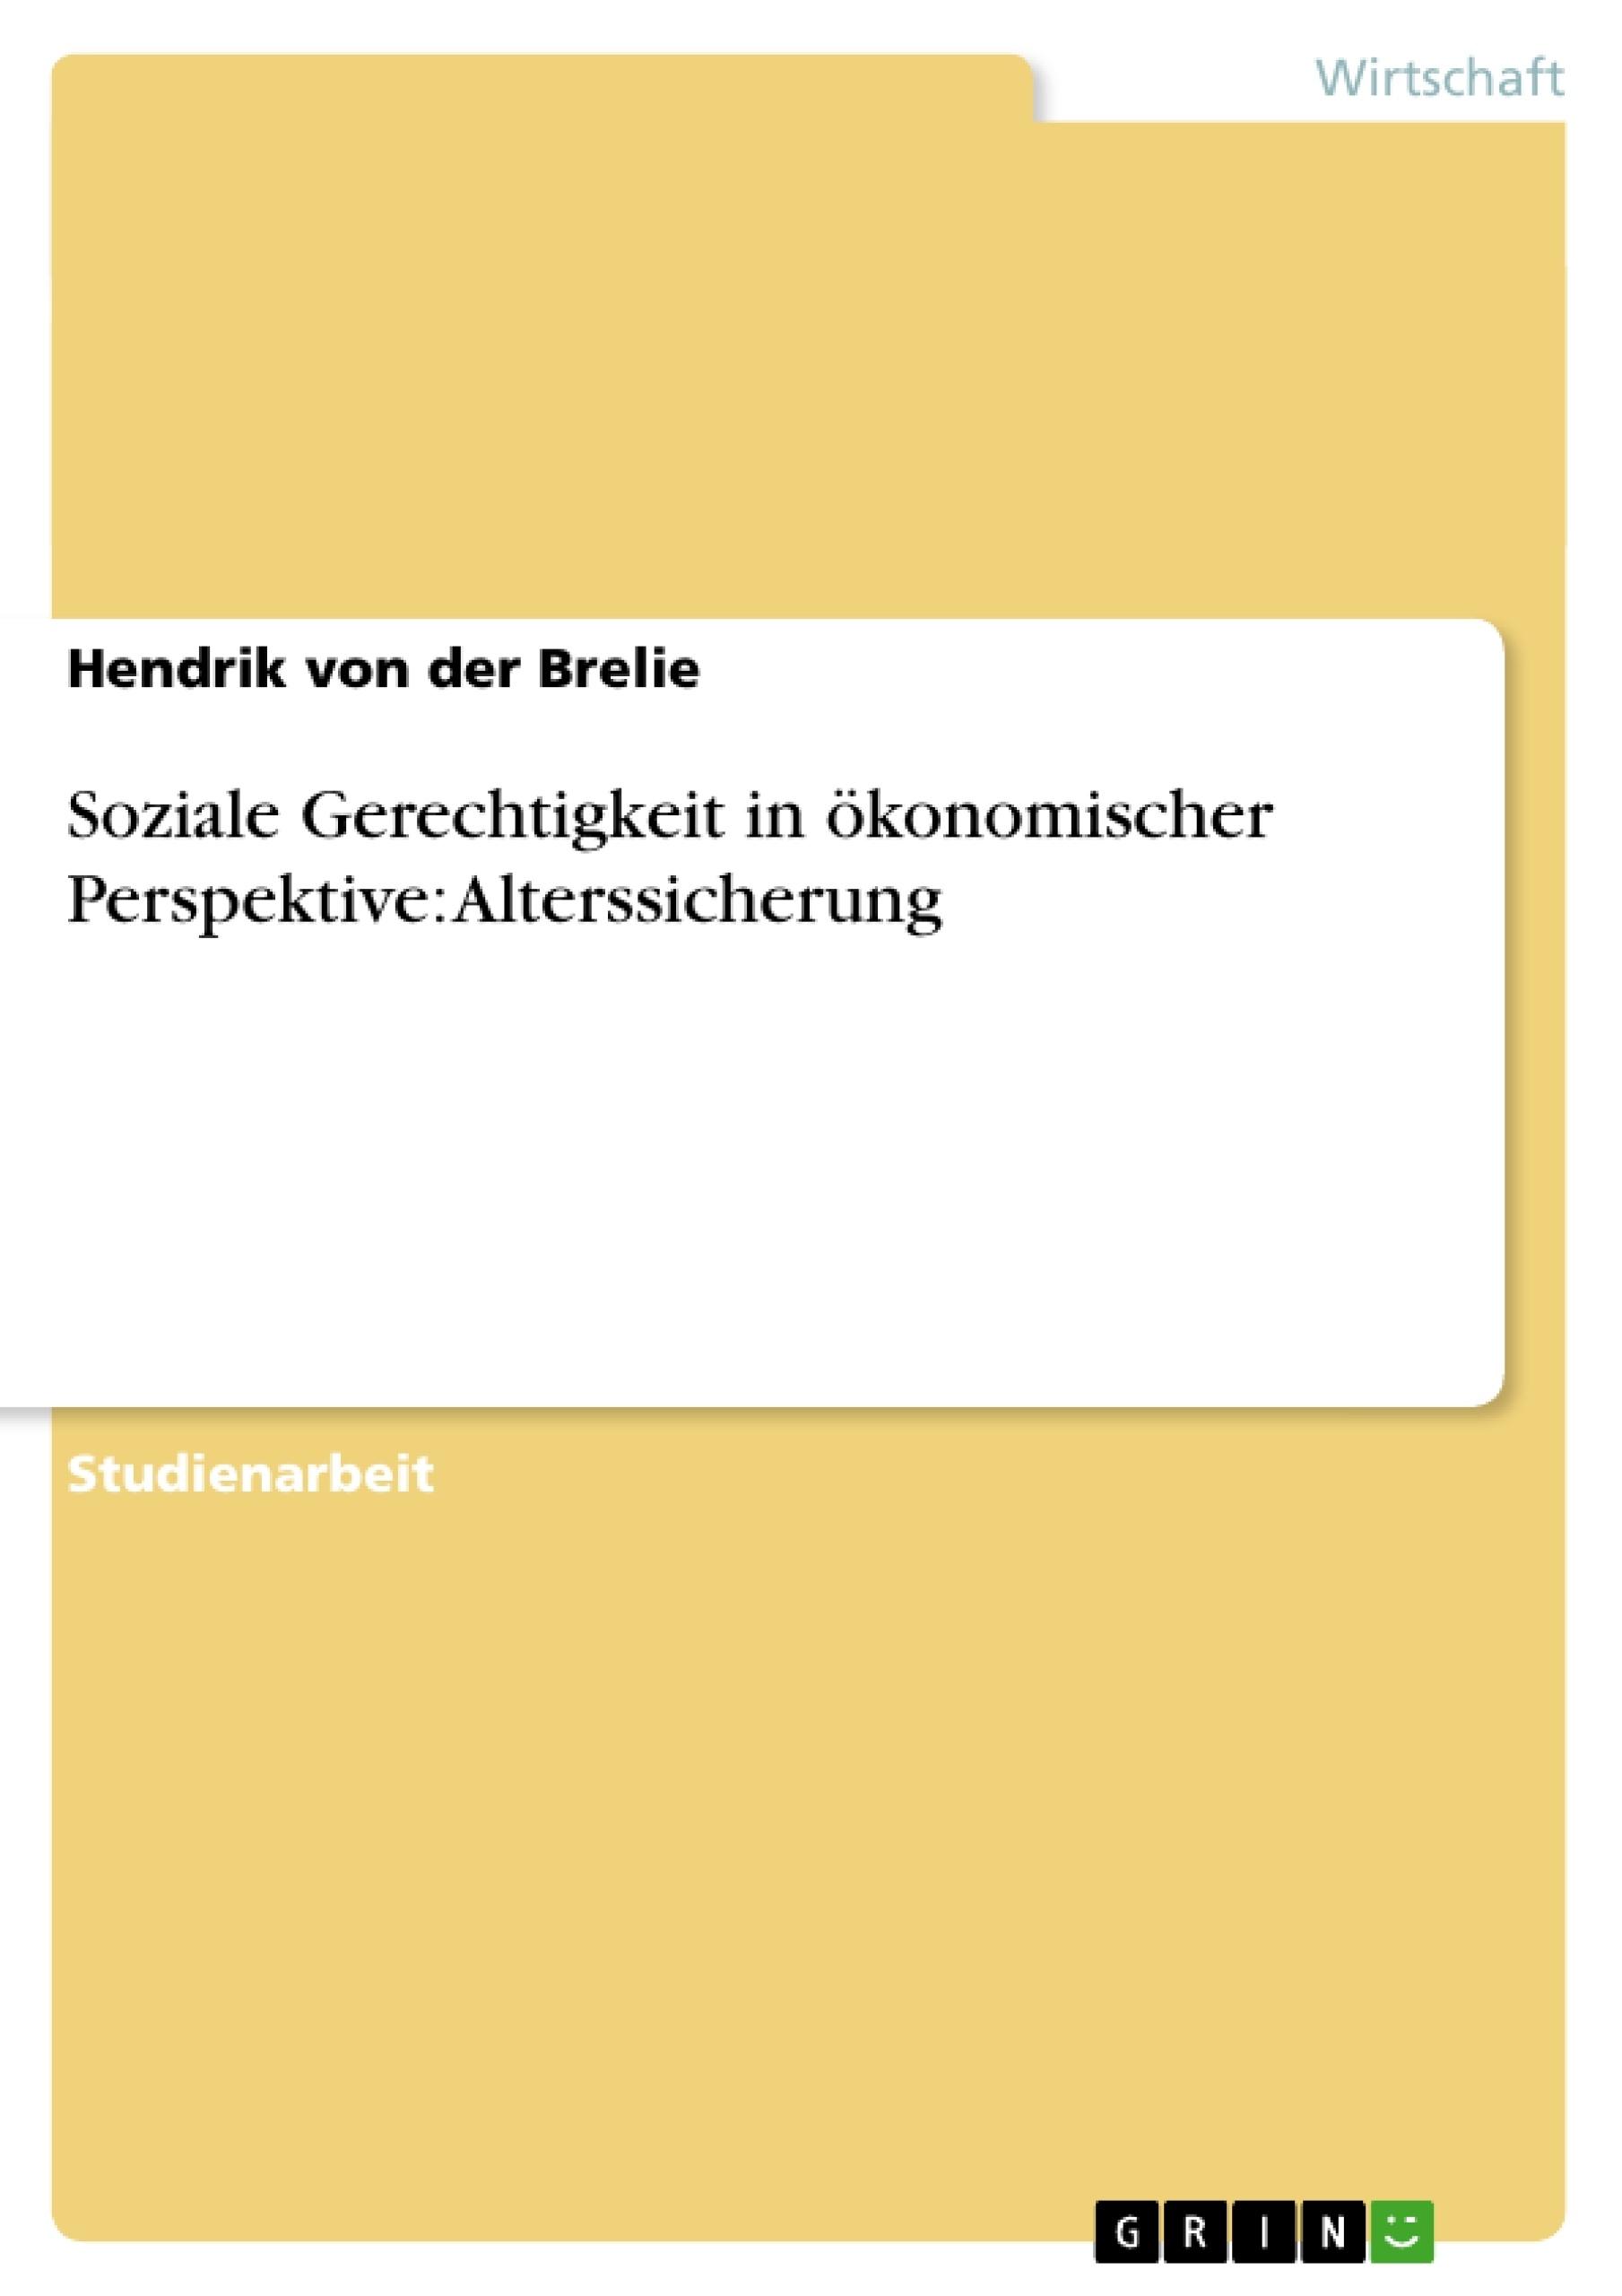 Titel: Soziale Gerechtigkeit in ökonomischer Perspektive: Alterssicherung